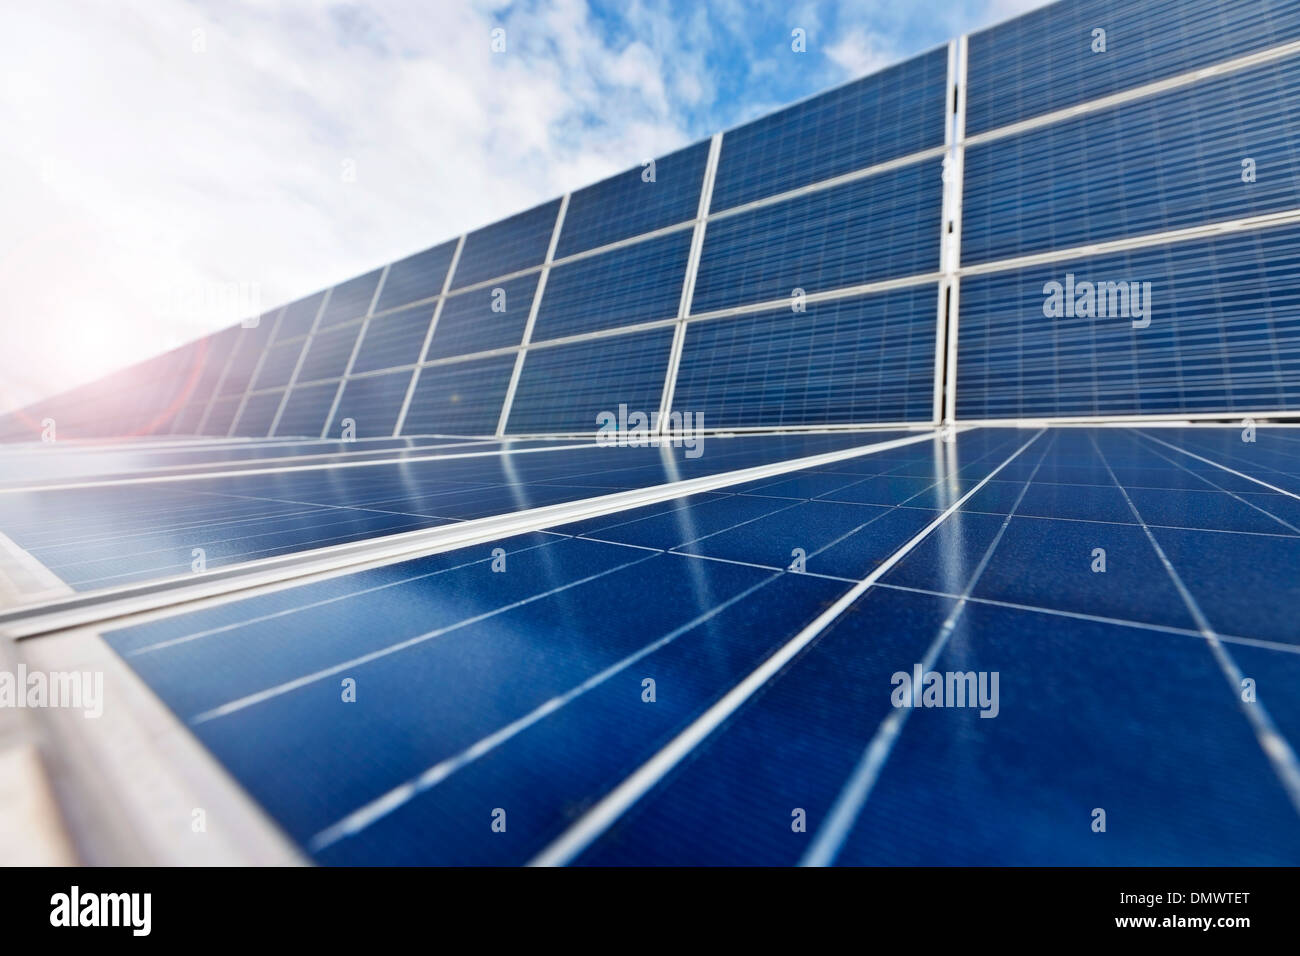 Les cellules photovoltaïques ou des panneaux solaires à la lumière du soleil Photo Stock